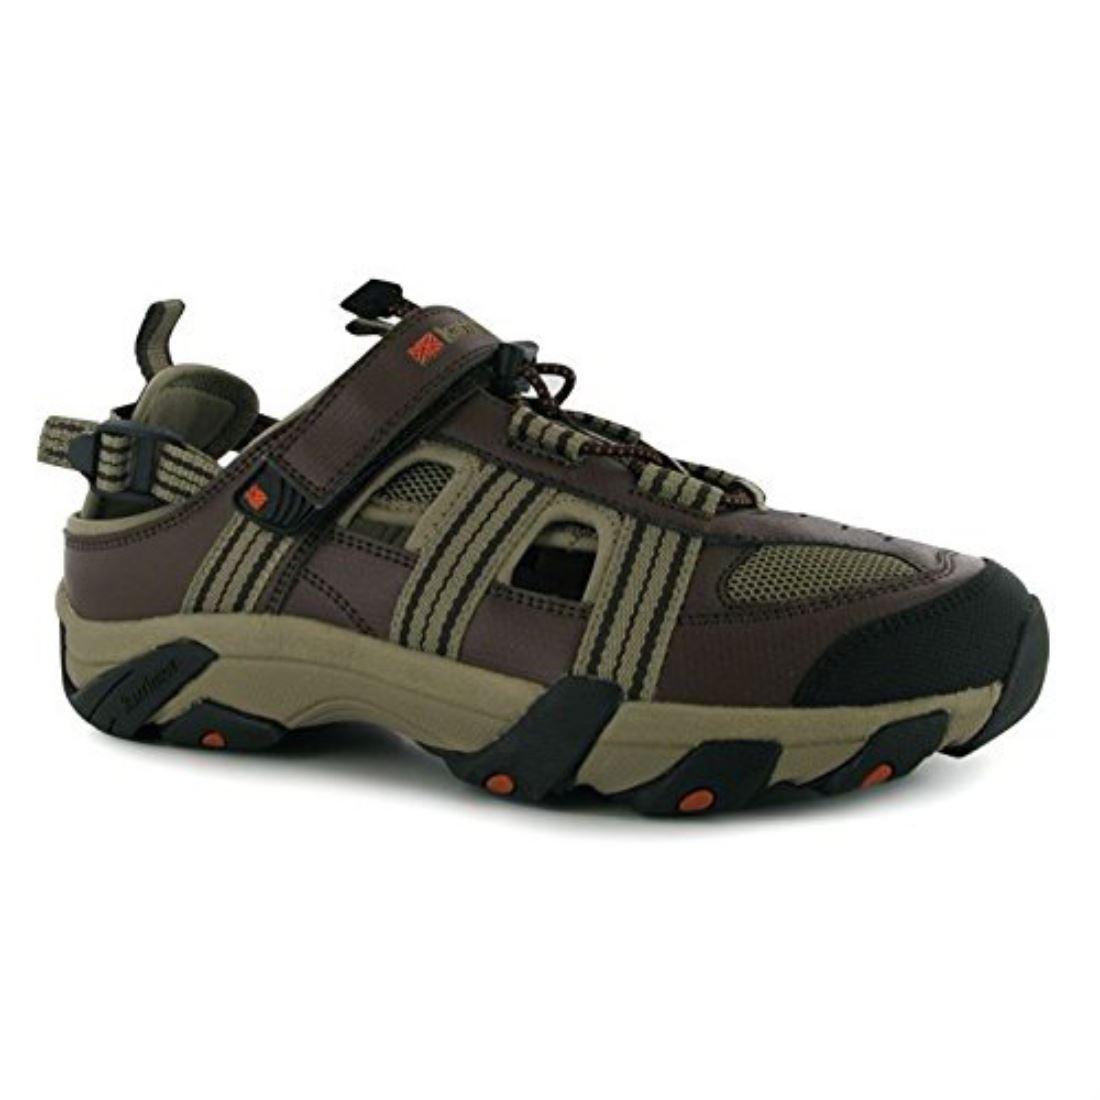 Sandals or shoes for hiking - Karrimor Mens K2 Sandals Walking Sport Hiking Trekking